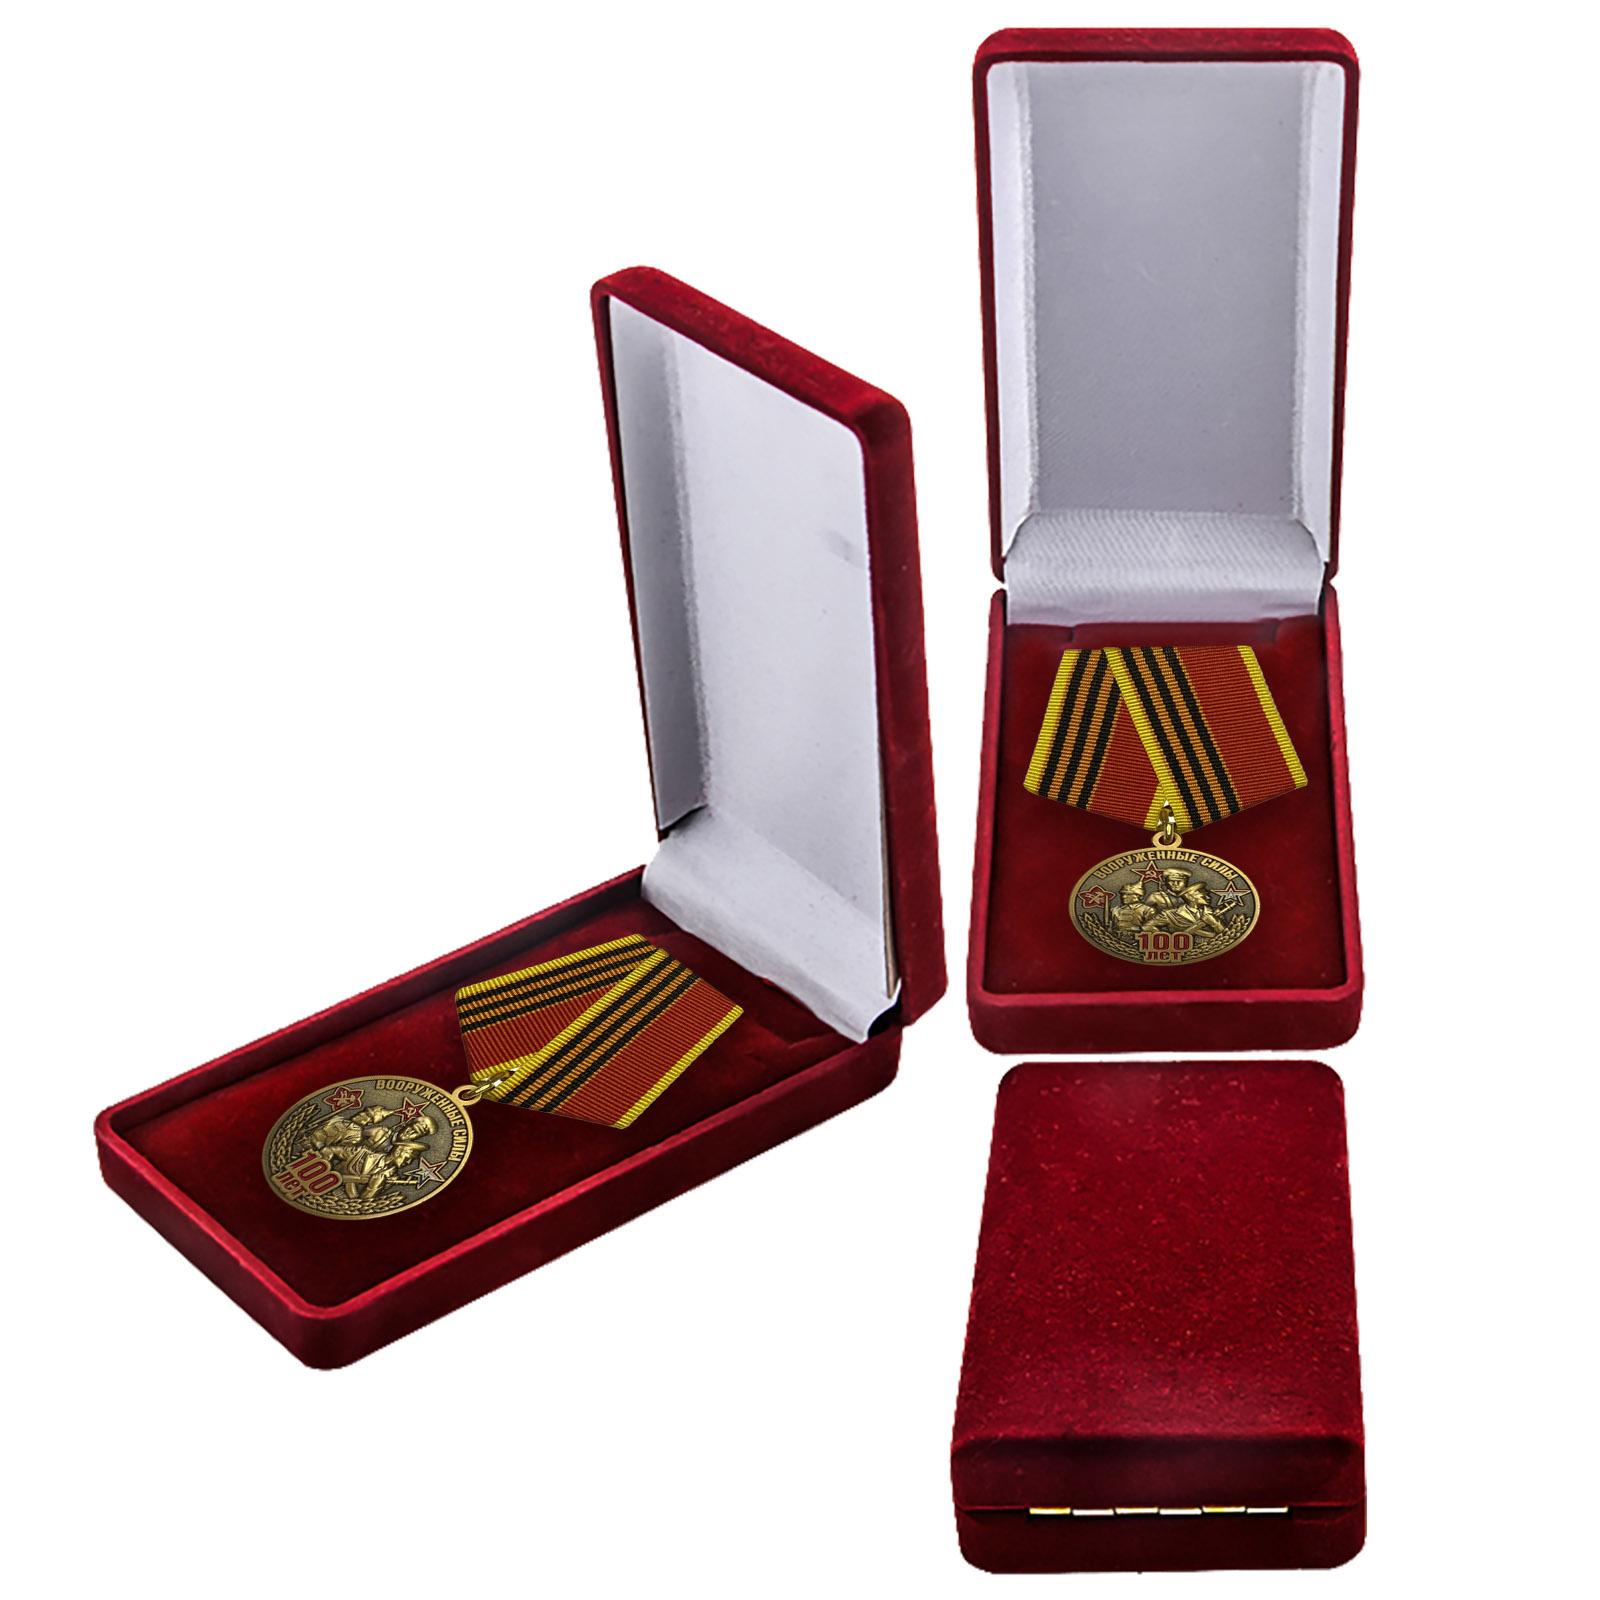 Юбилейная медаль Вооруженных Сил (к 100-летию)